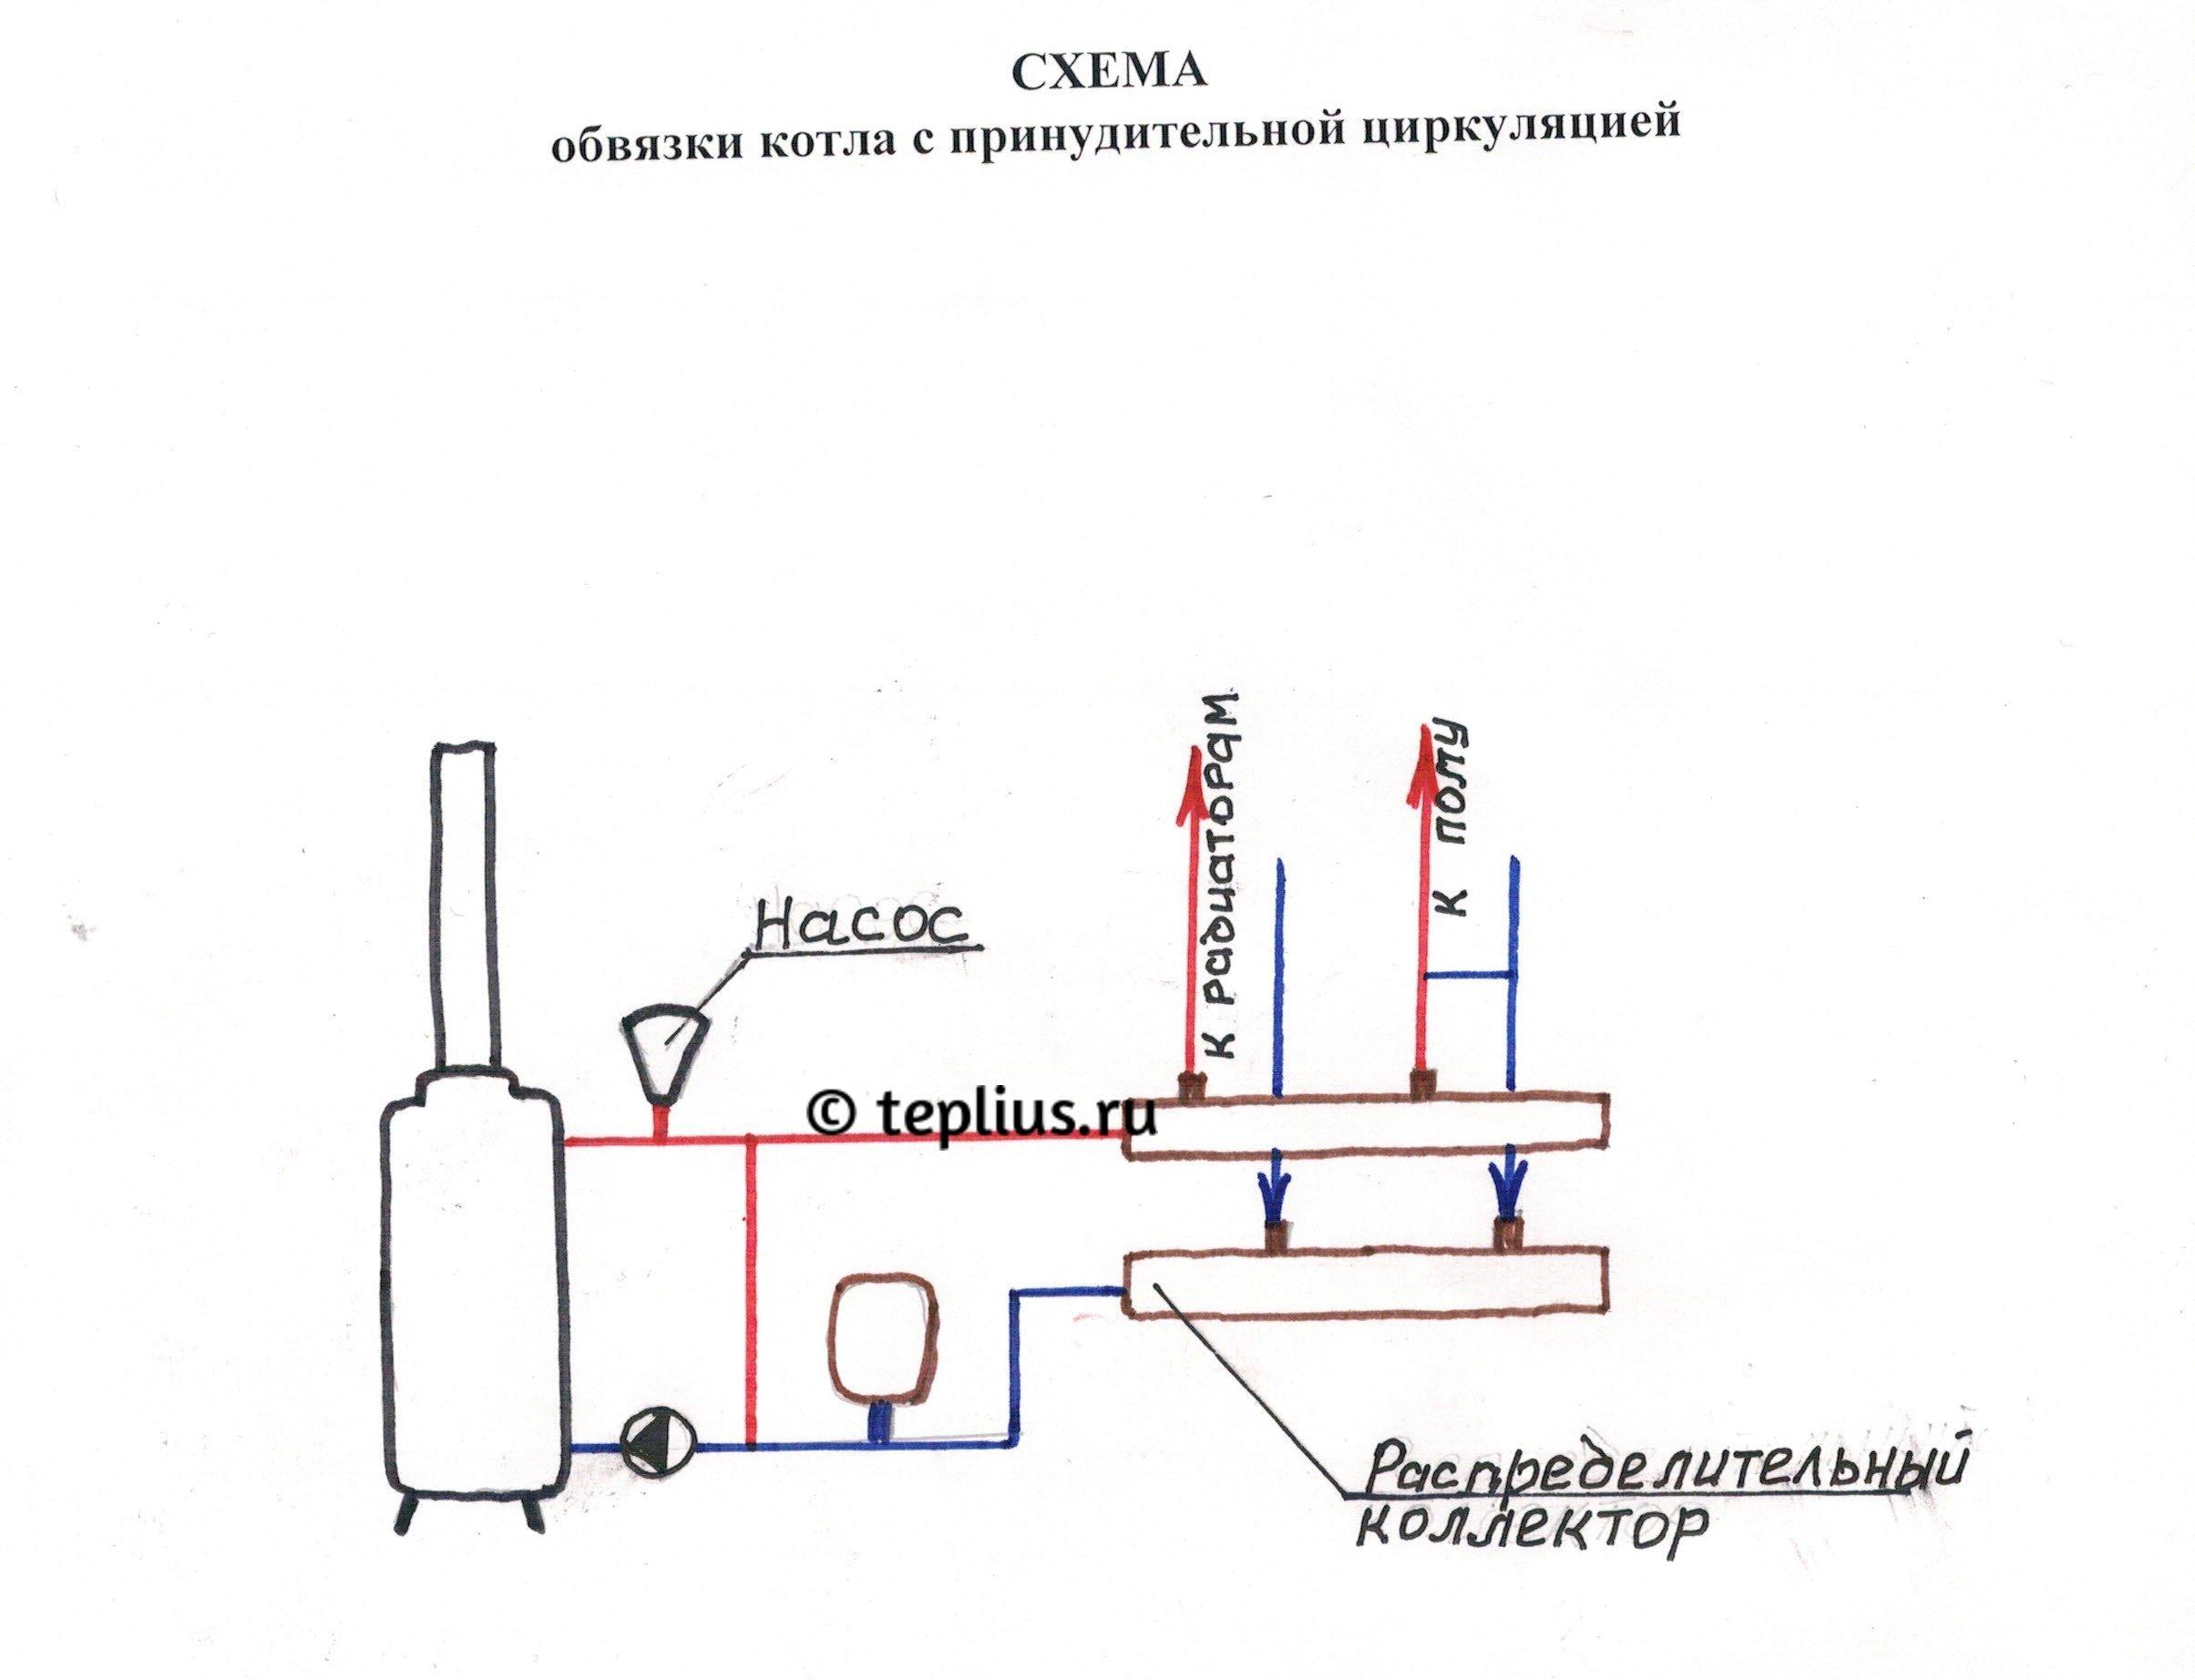 газовый котел кебер инструкция как пользоваться